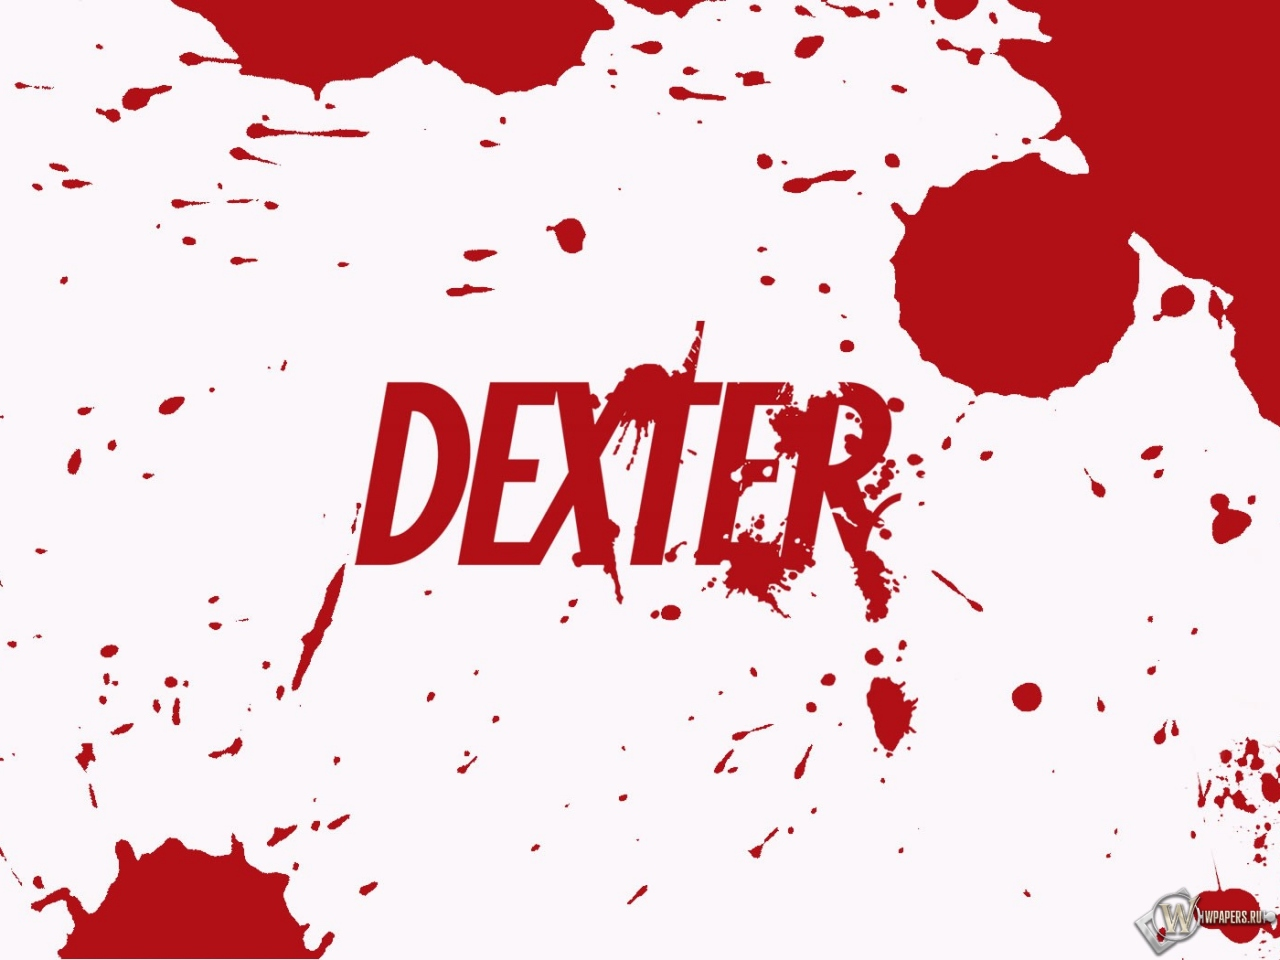 Dexter 1280x960